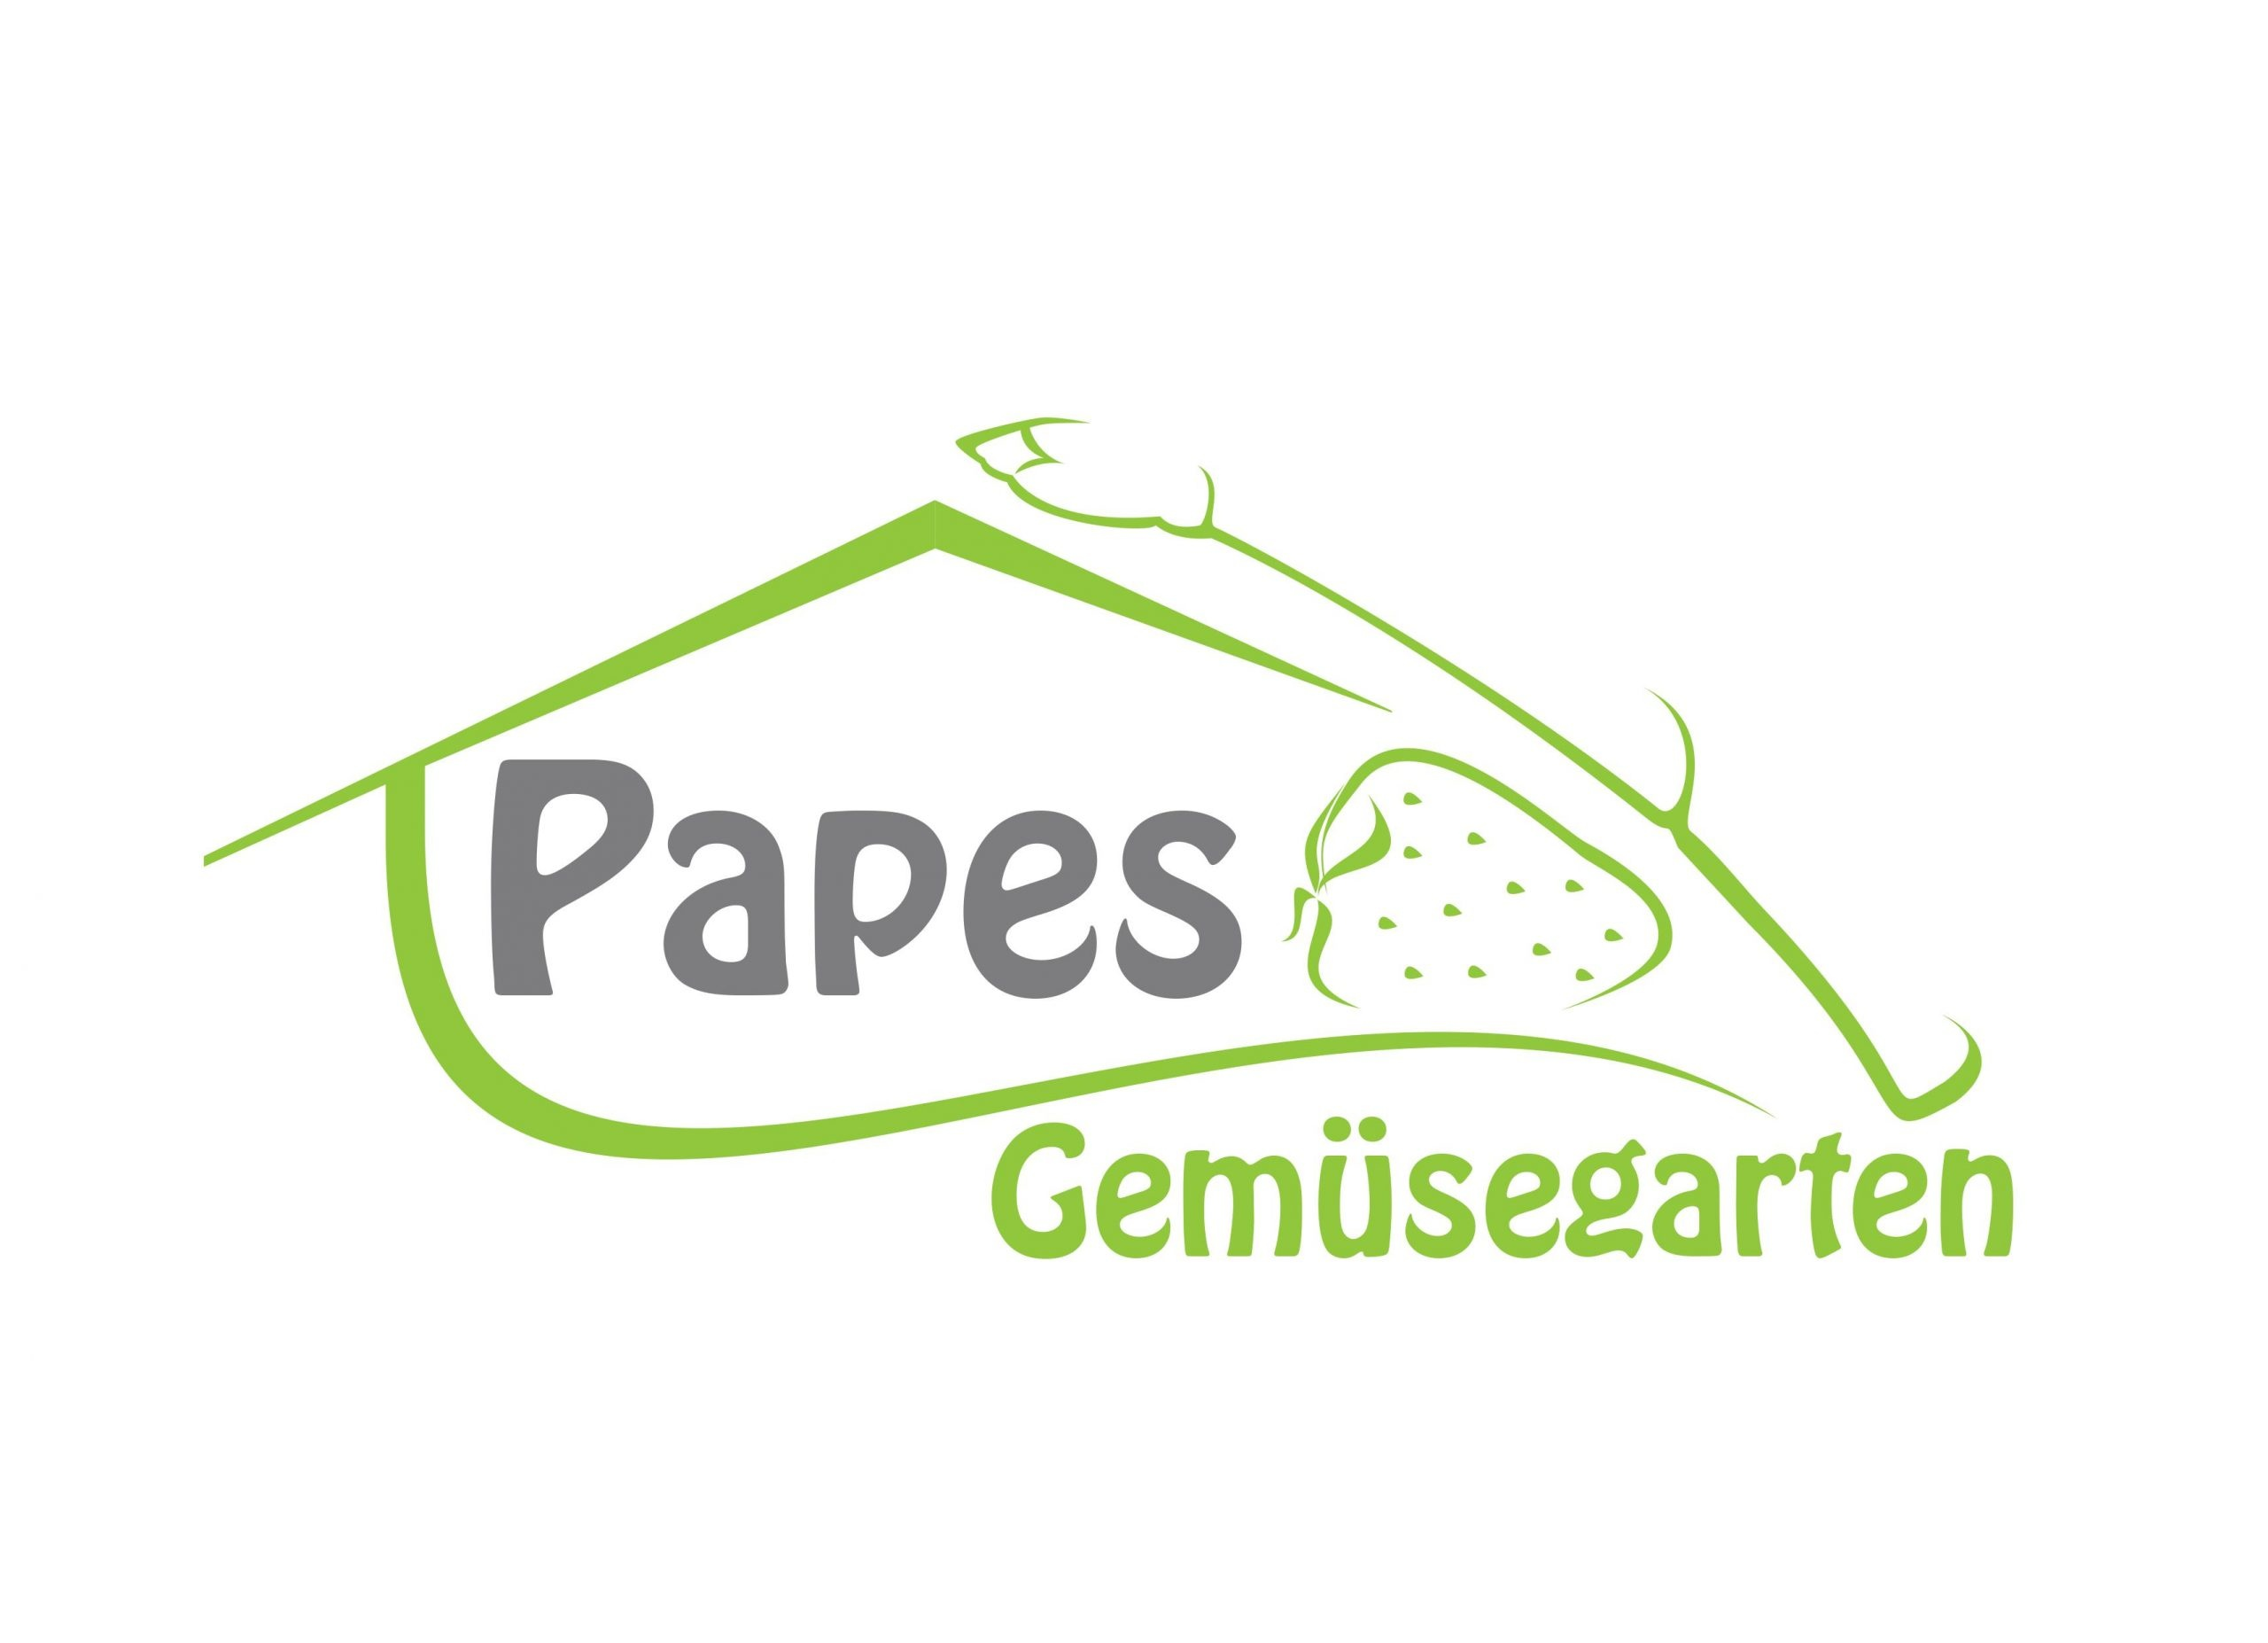 Papes Gemüsgarten